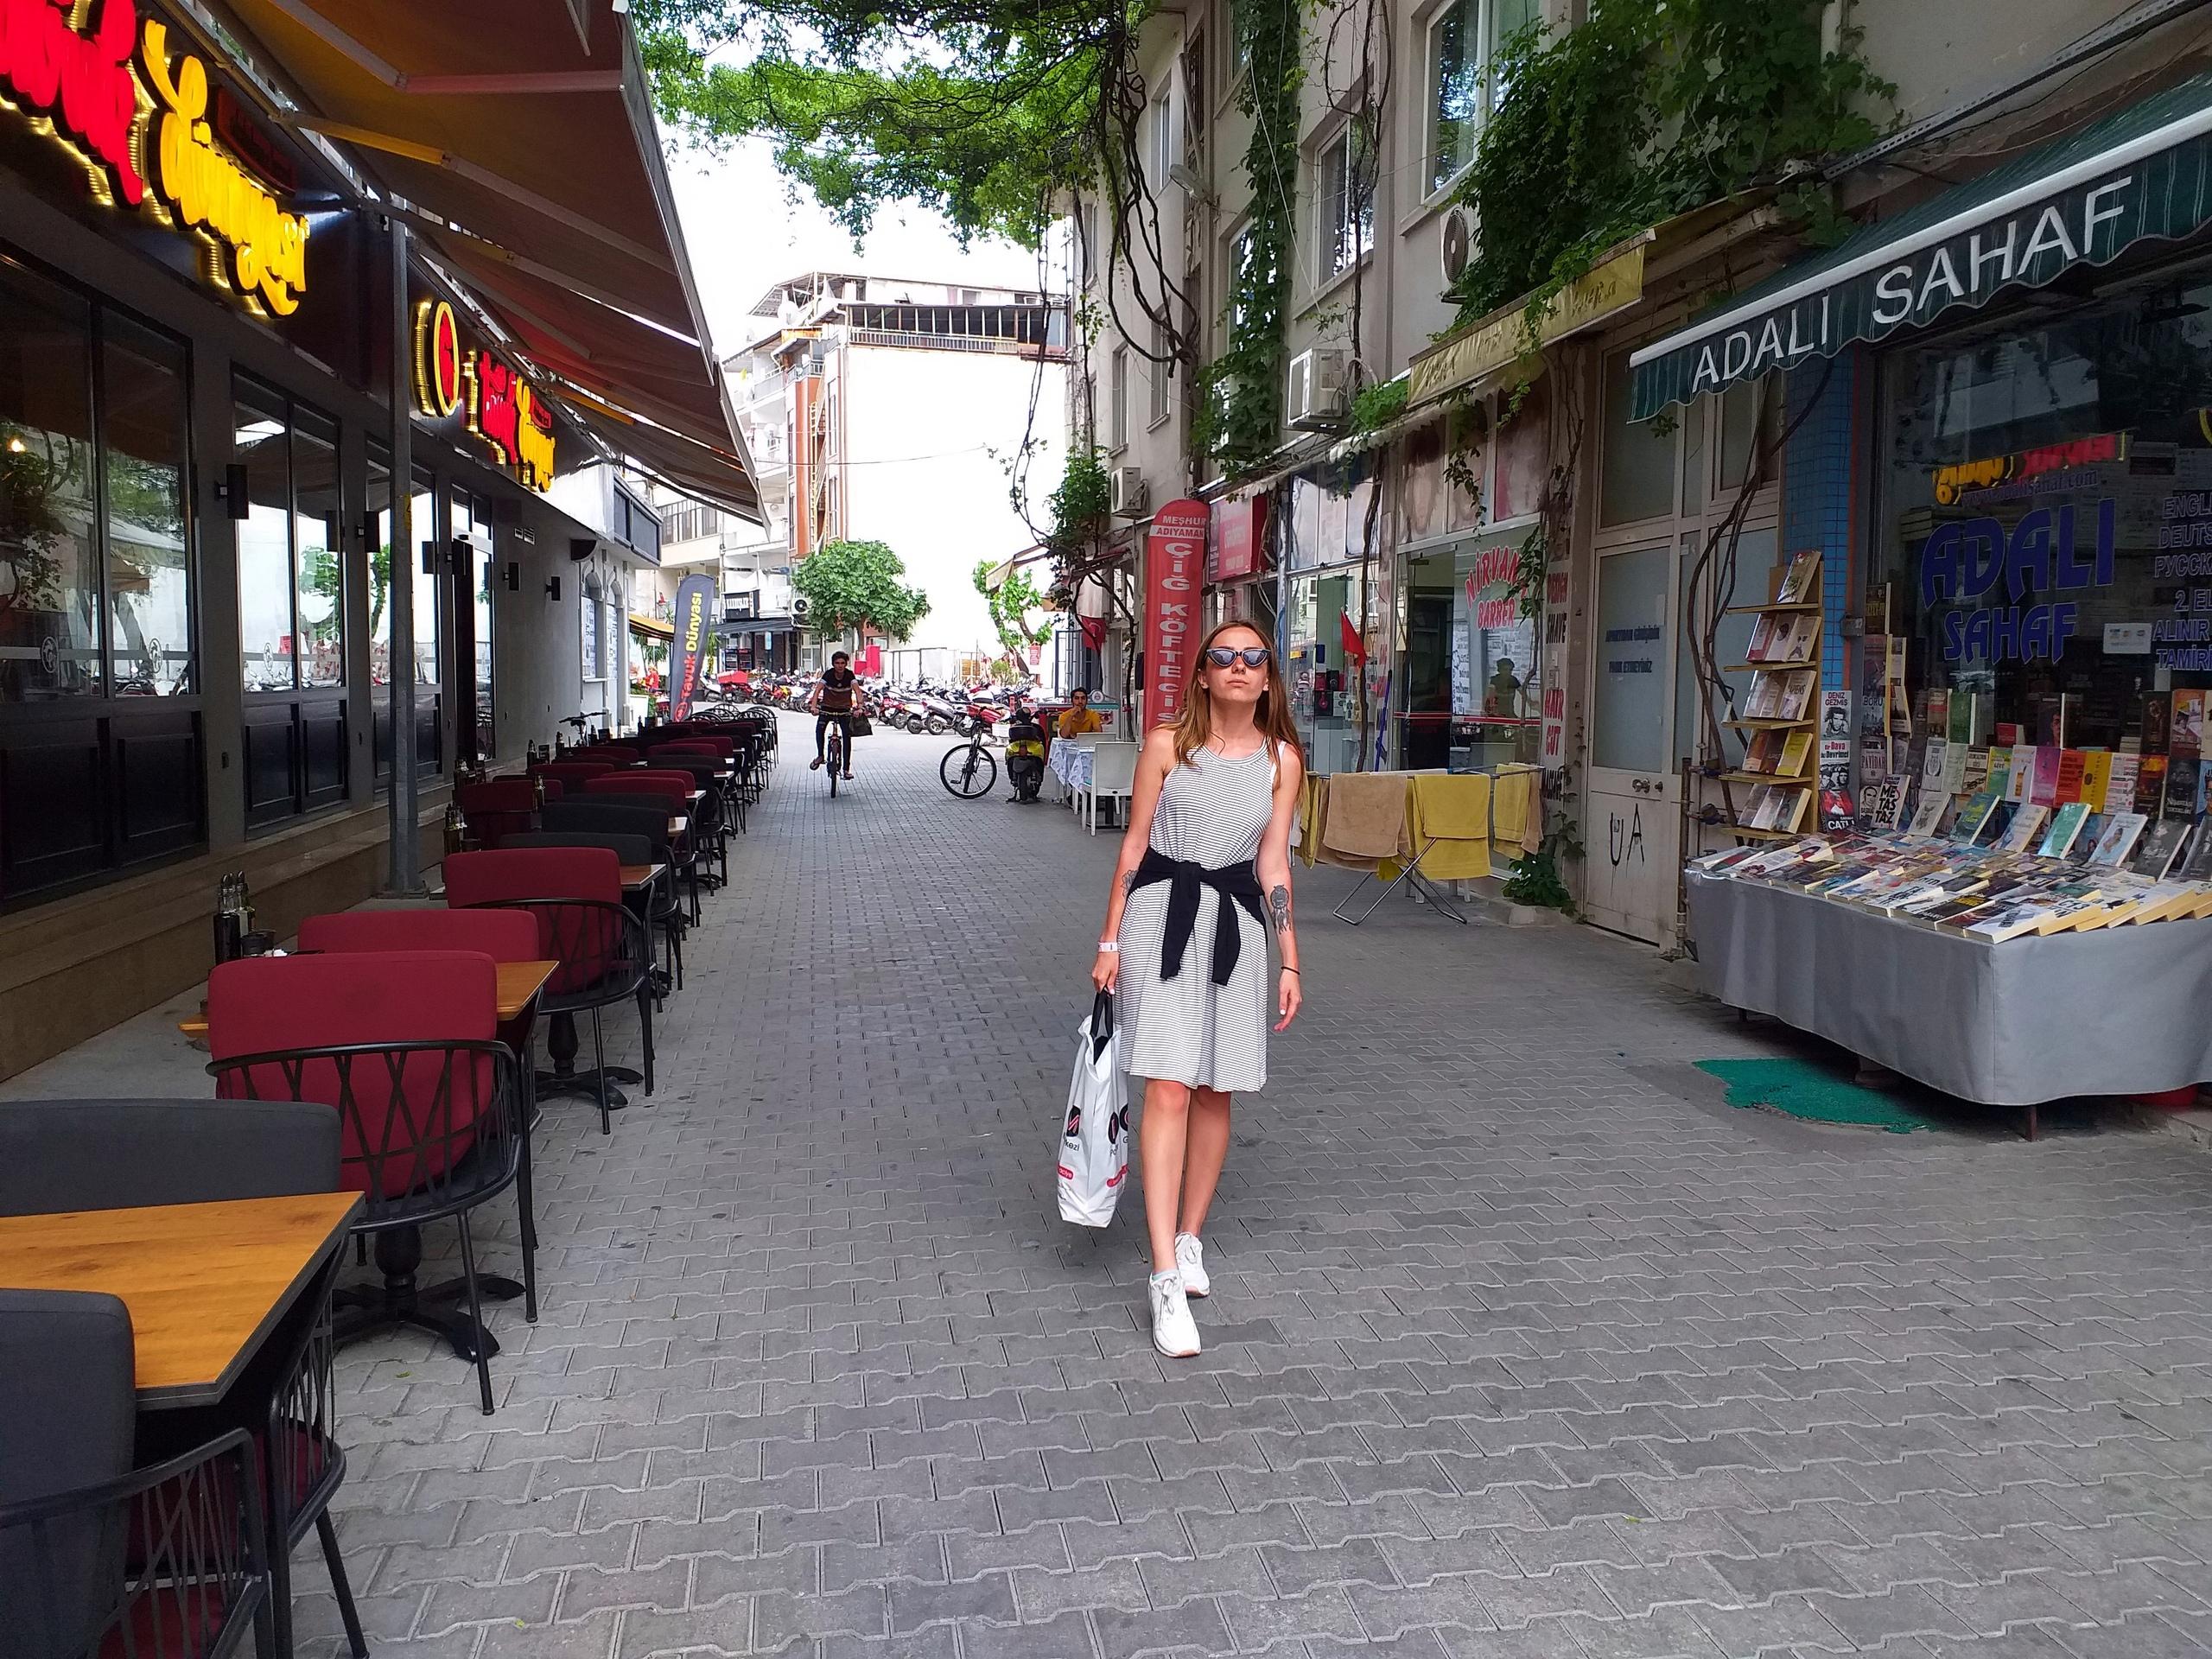 Елена Руденко ( Валтея). Мои путешествия. Турция. Мармарис. (фото ). NGOBNP589Uw